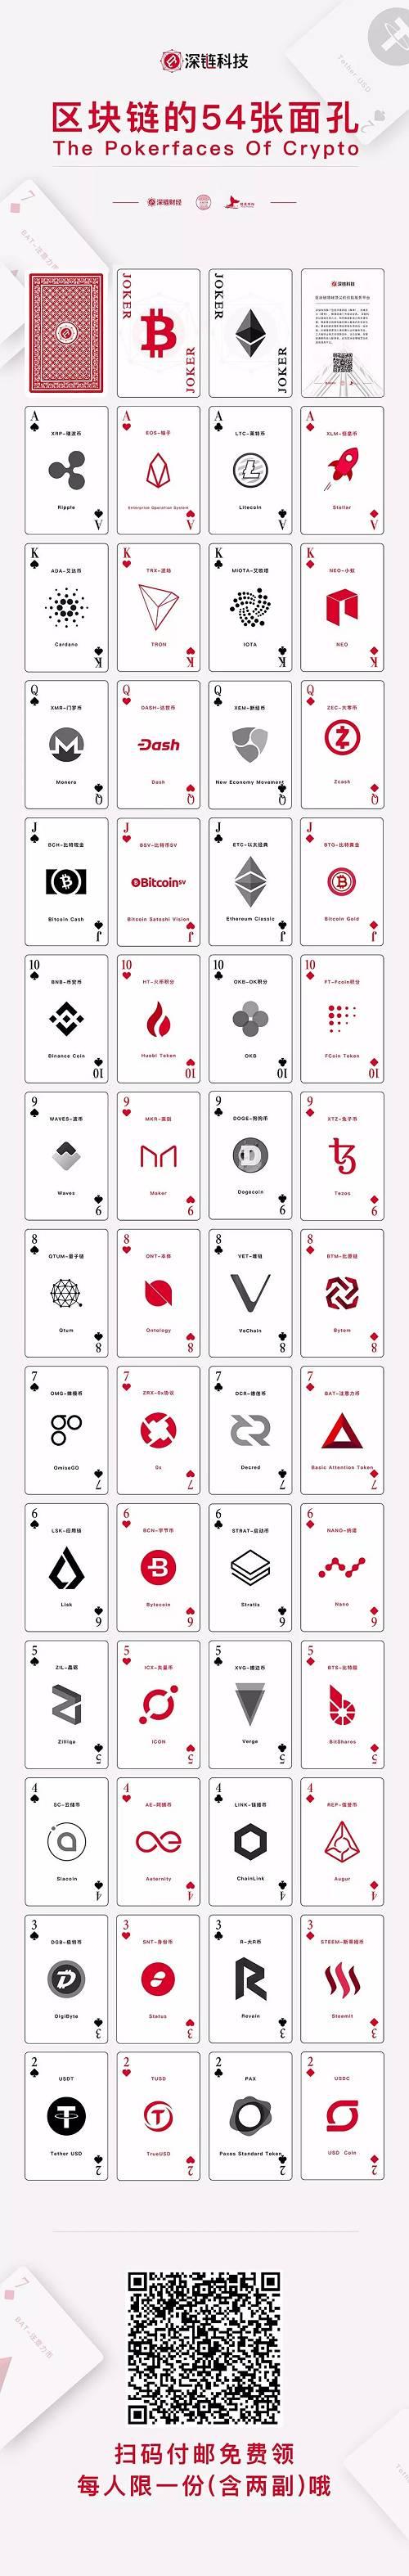 为什么区块链投资人都应该了解德州扑克?